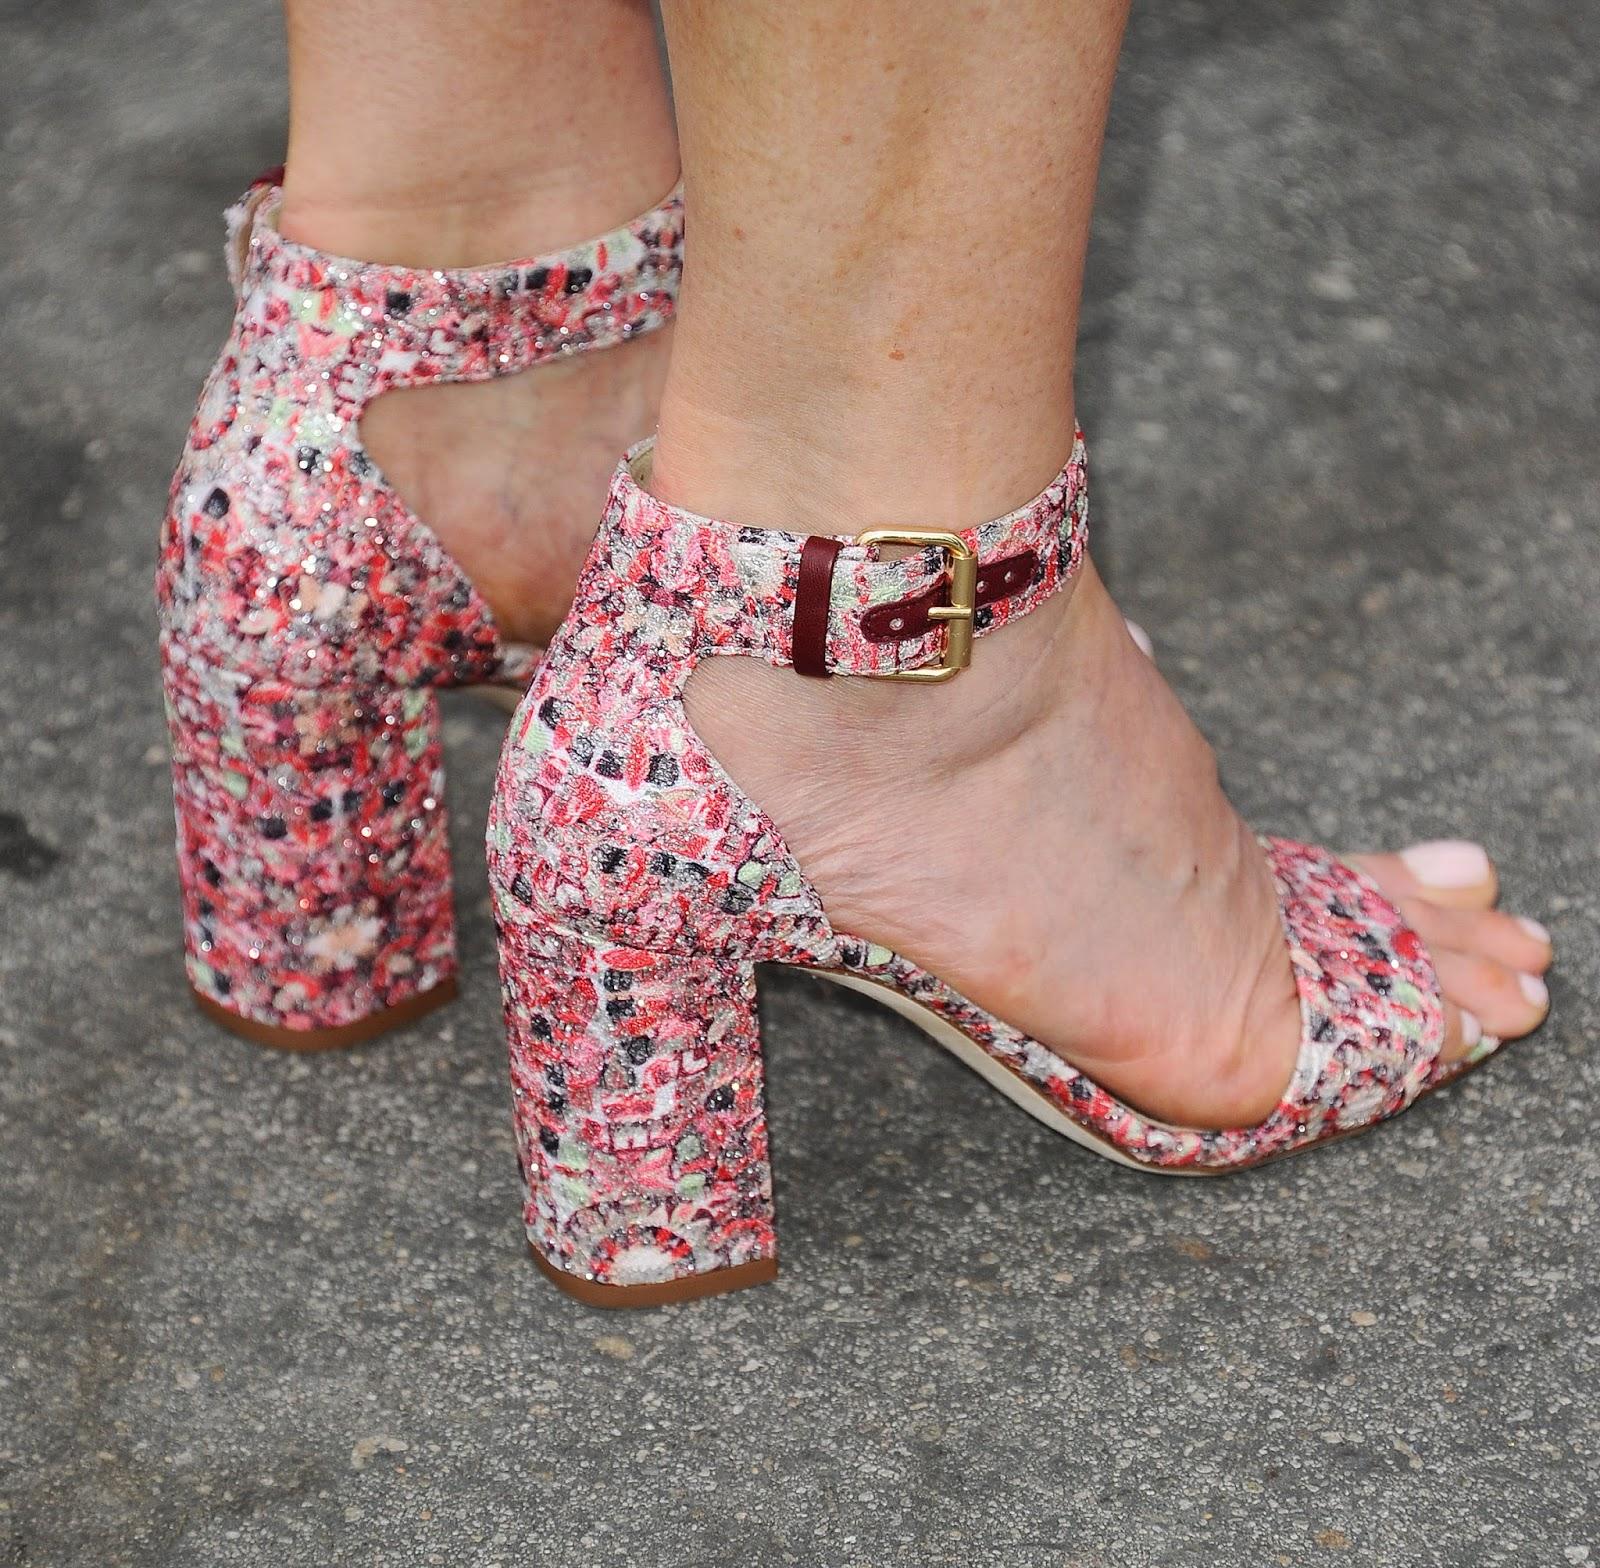 Celebrity Feet Andie Macdowell